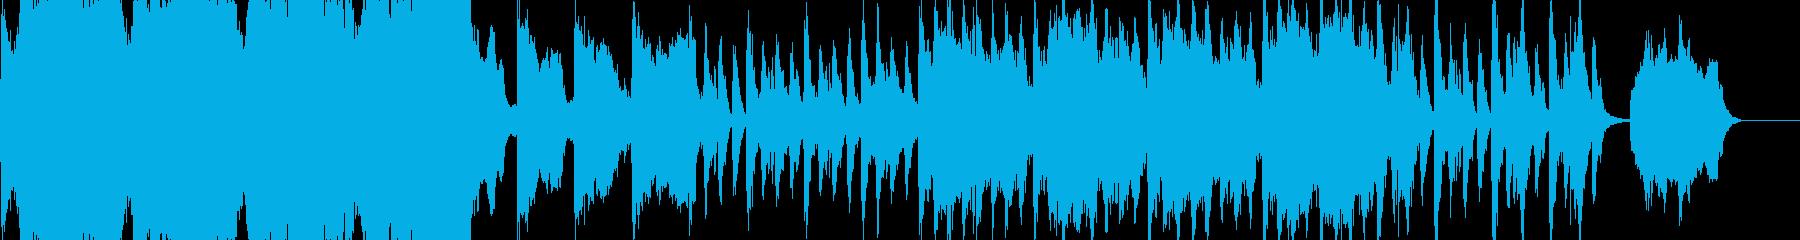 ダークファンタジー 荘厳なオーケストラの再生済みの波形